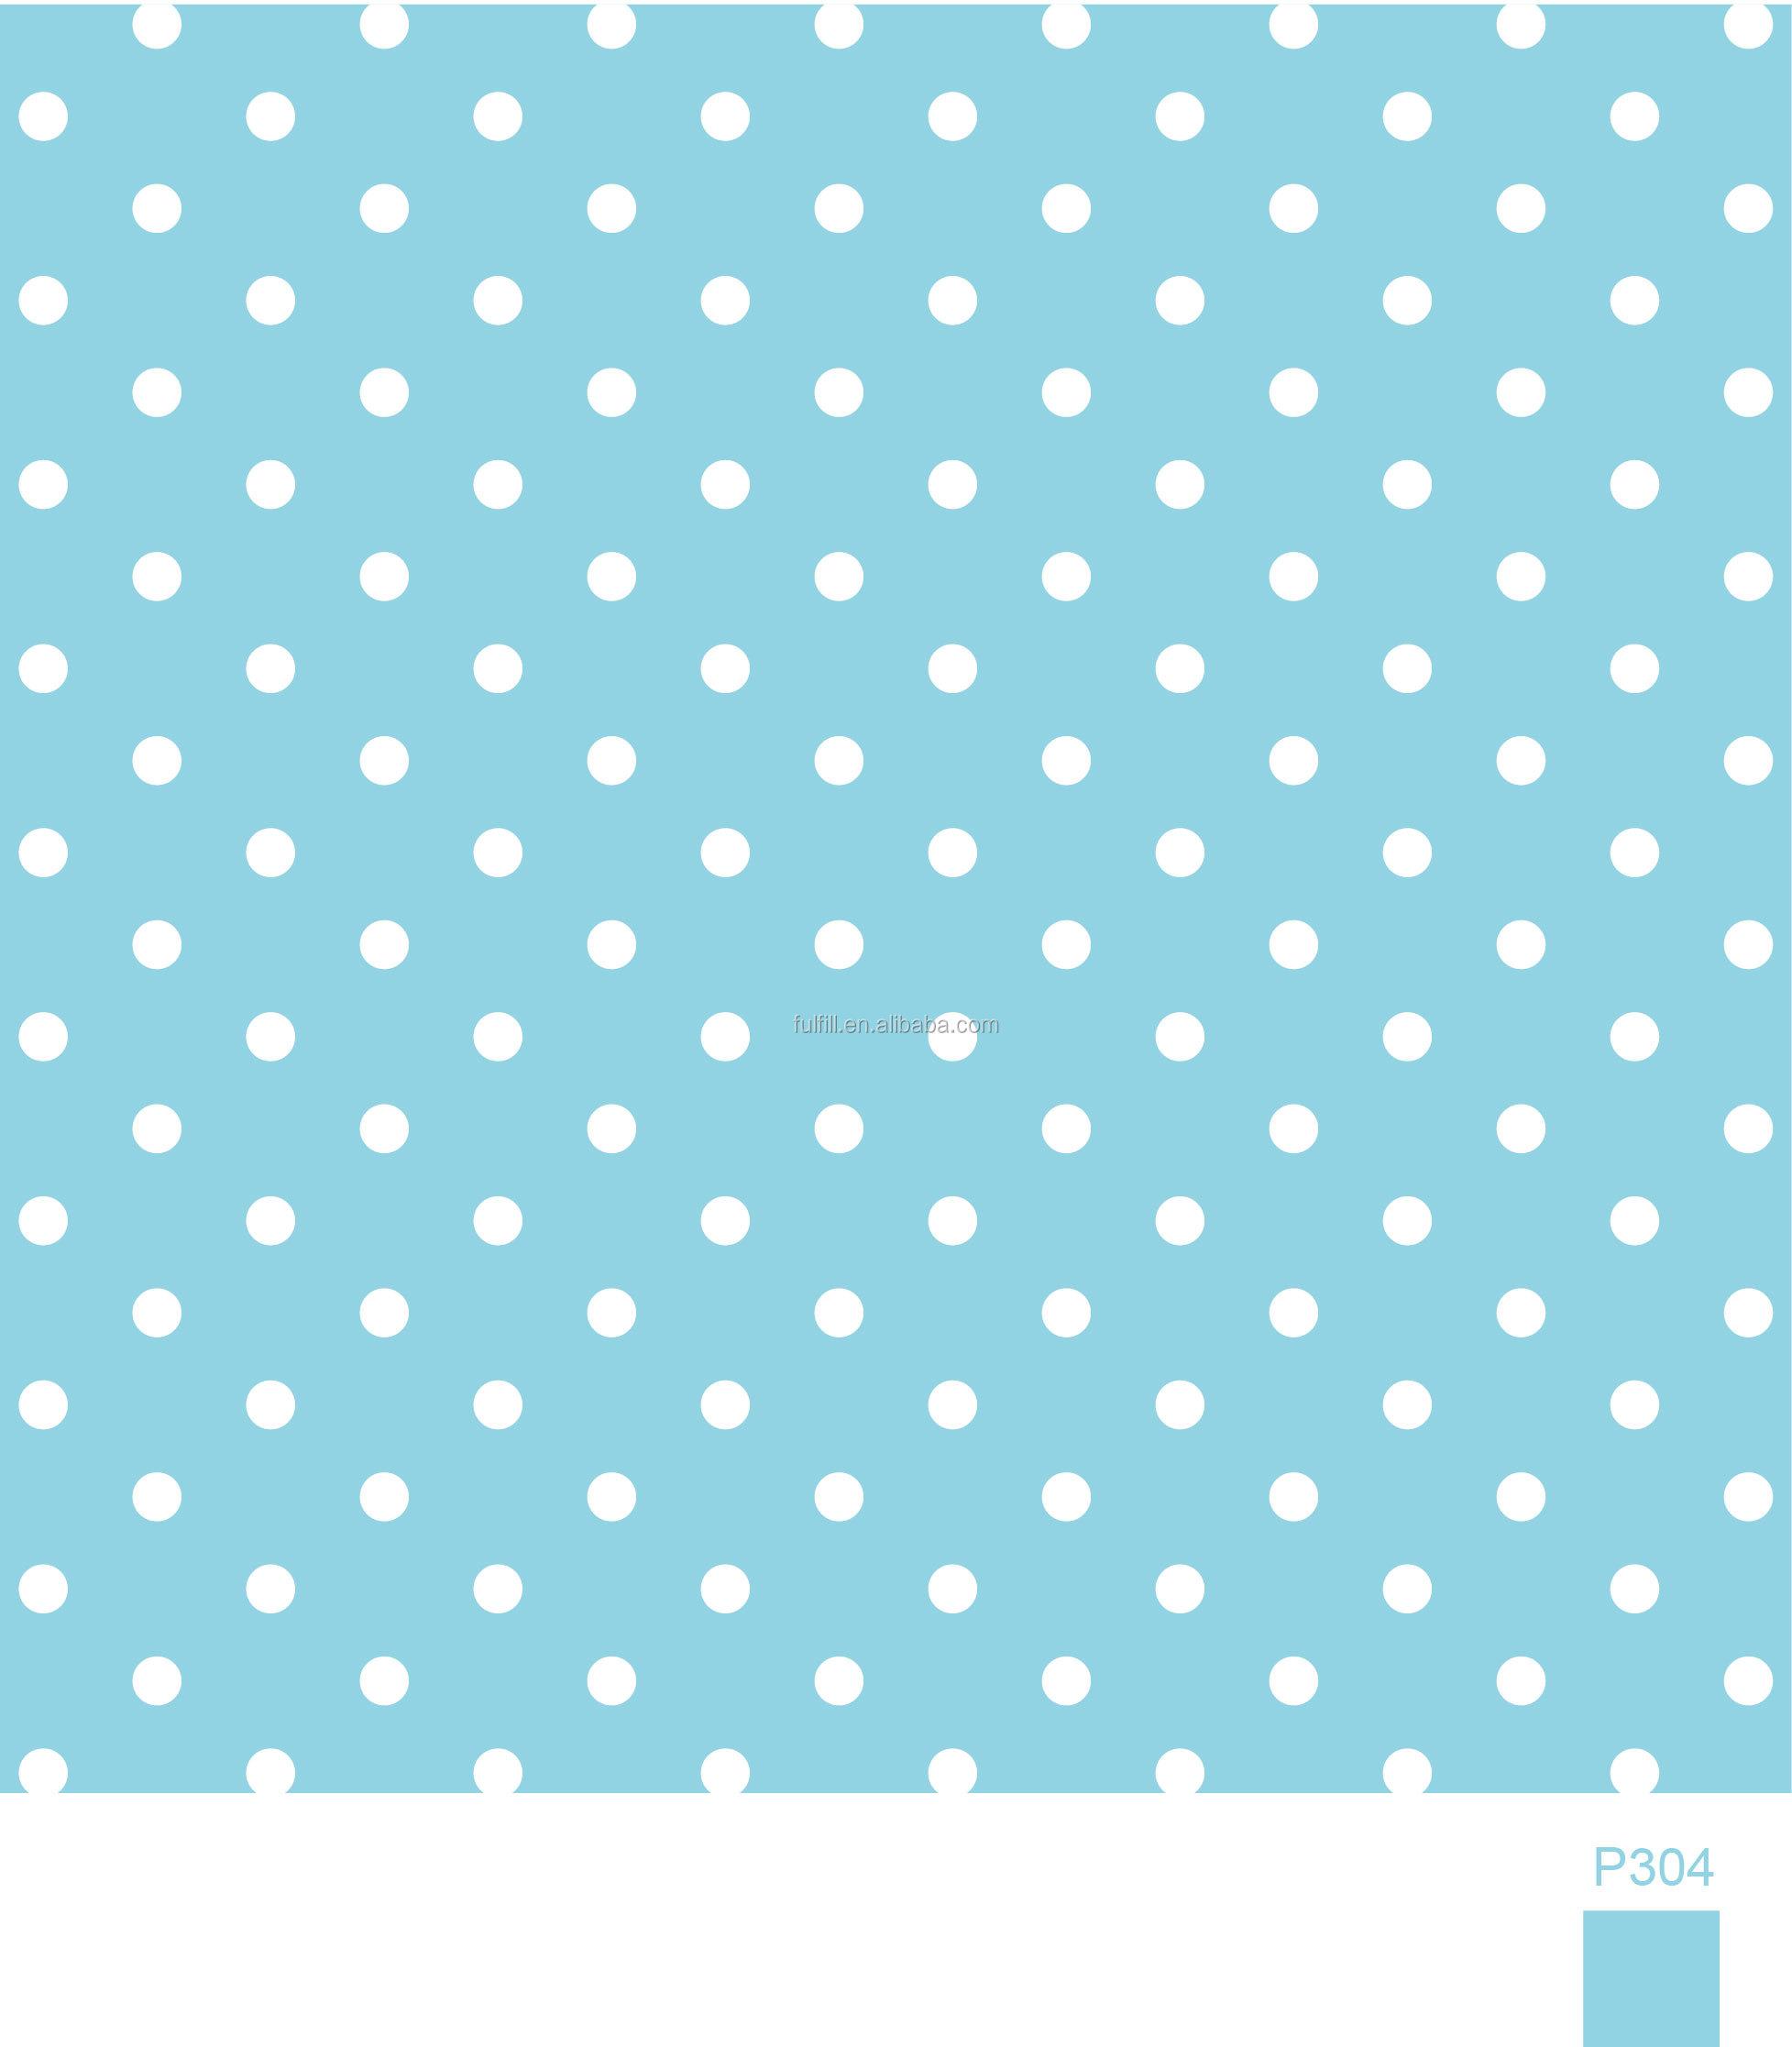 Baby Blue Polka Dot Color Paper Napkin Buy Printed Paper Napkin